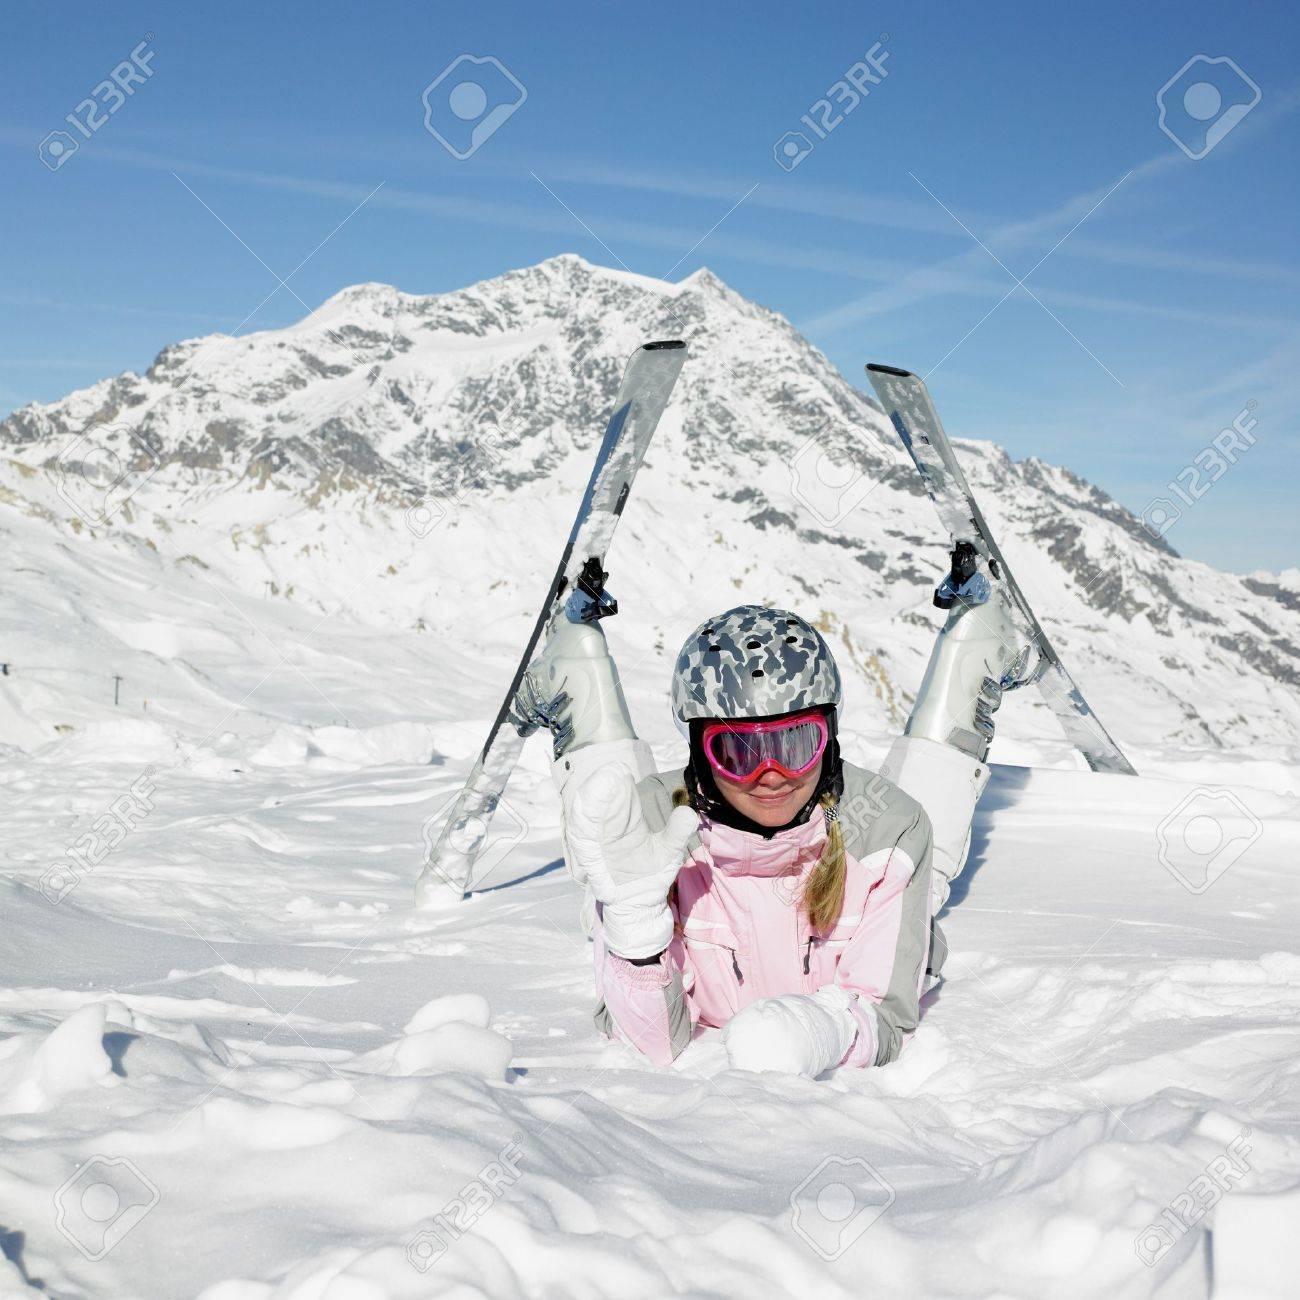 woman skier, Alps Mountains, Savoie, France Stock Photo - 8336056